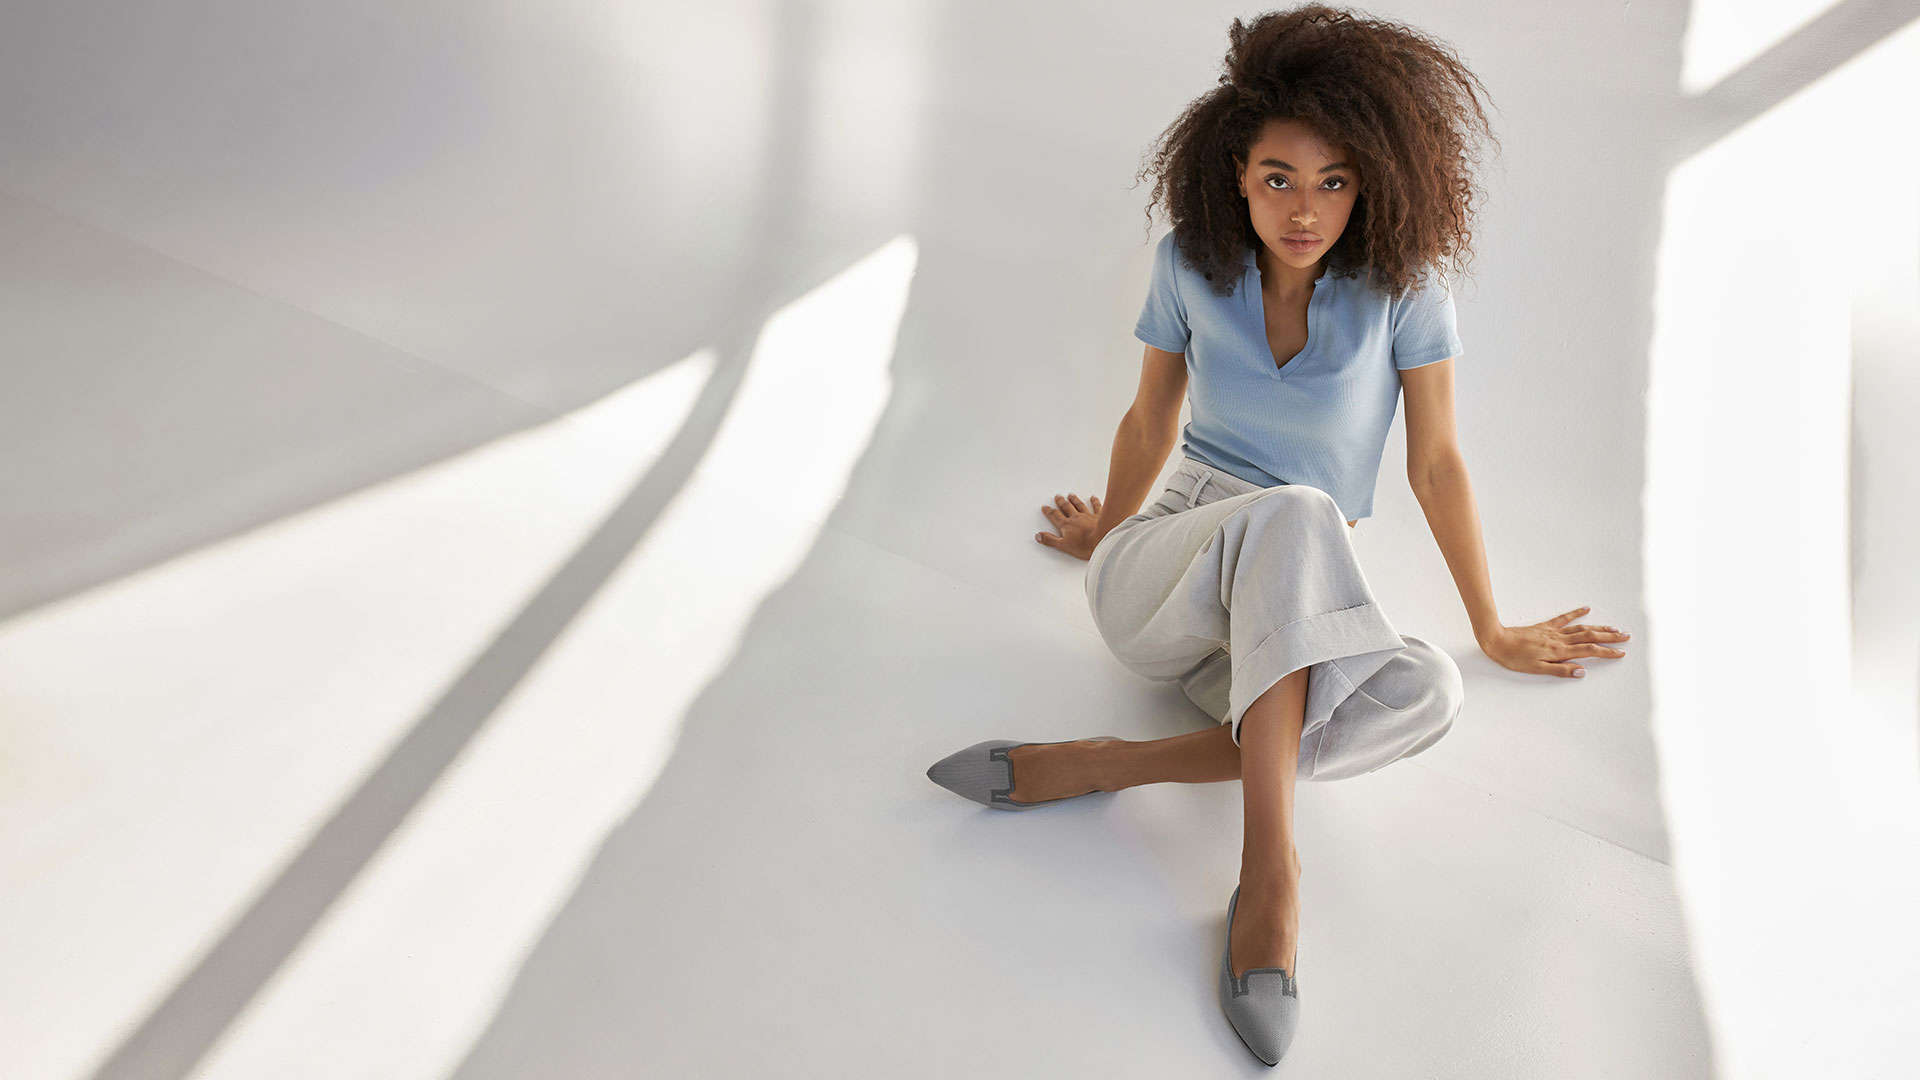 VIVAIA-SustainableShoes-Flats-Manon